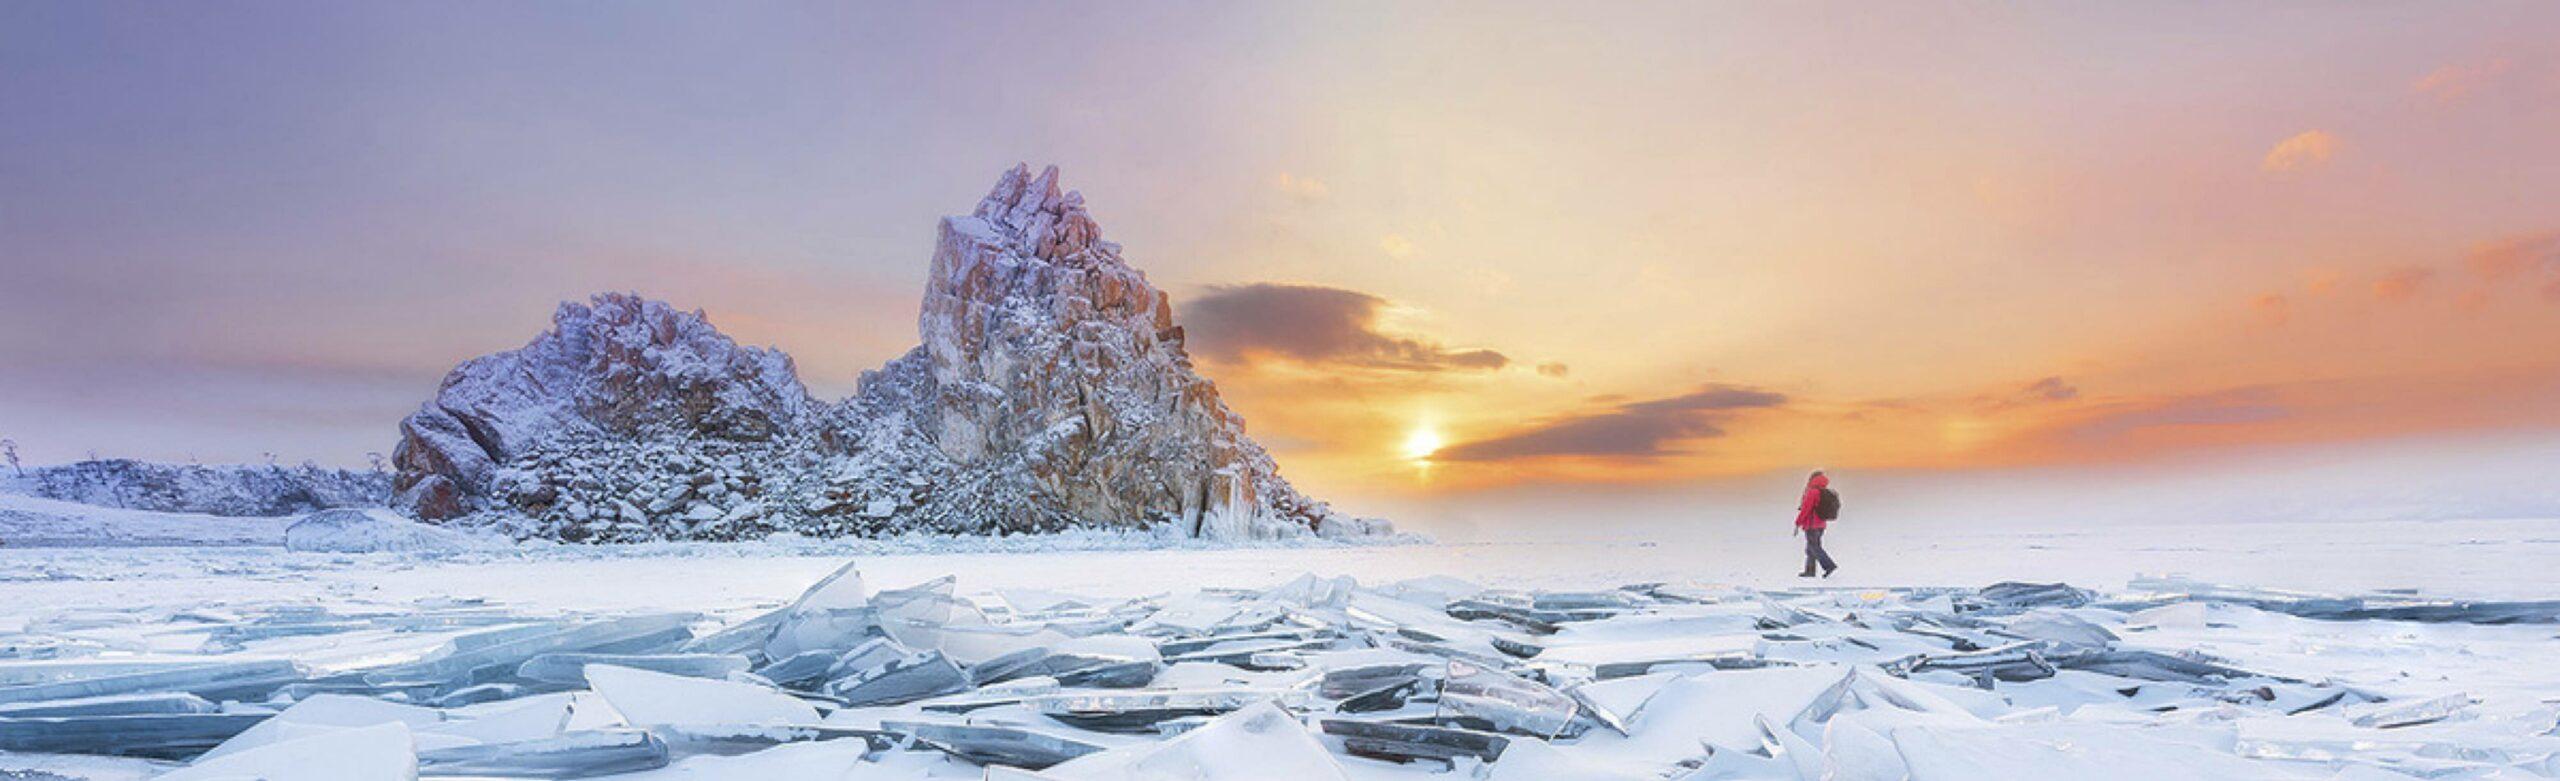 Winter auf der Insel Olchon Baikalsee